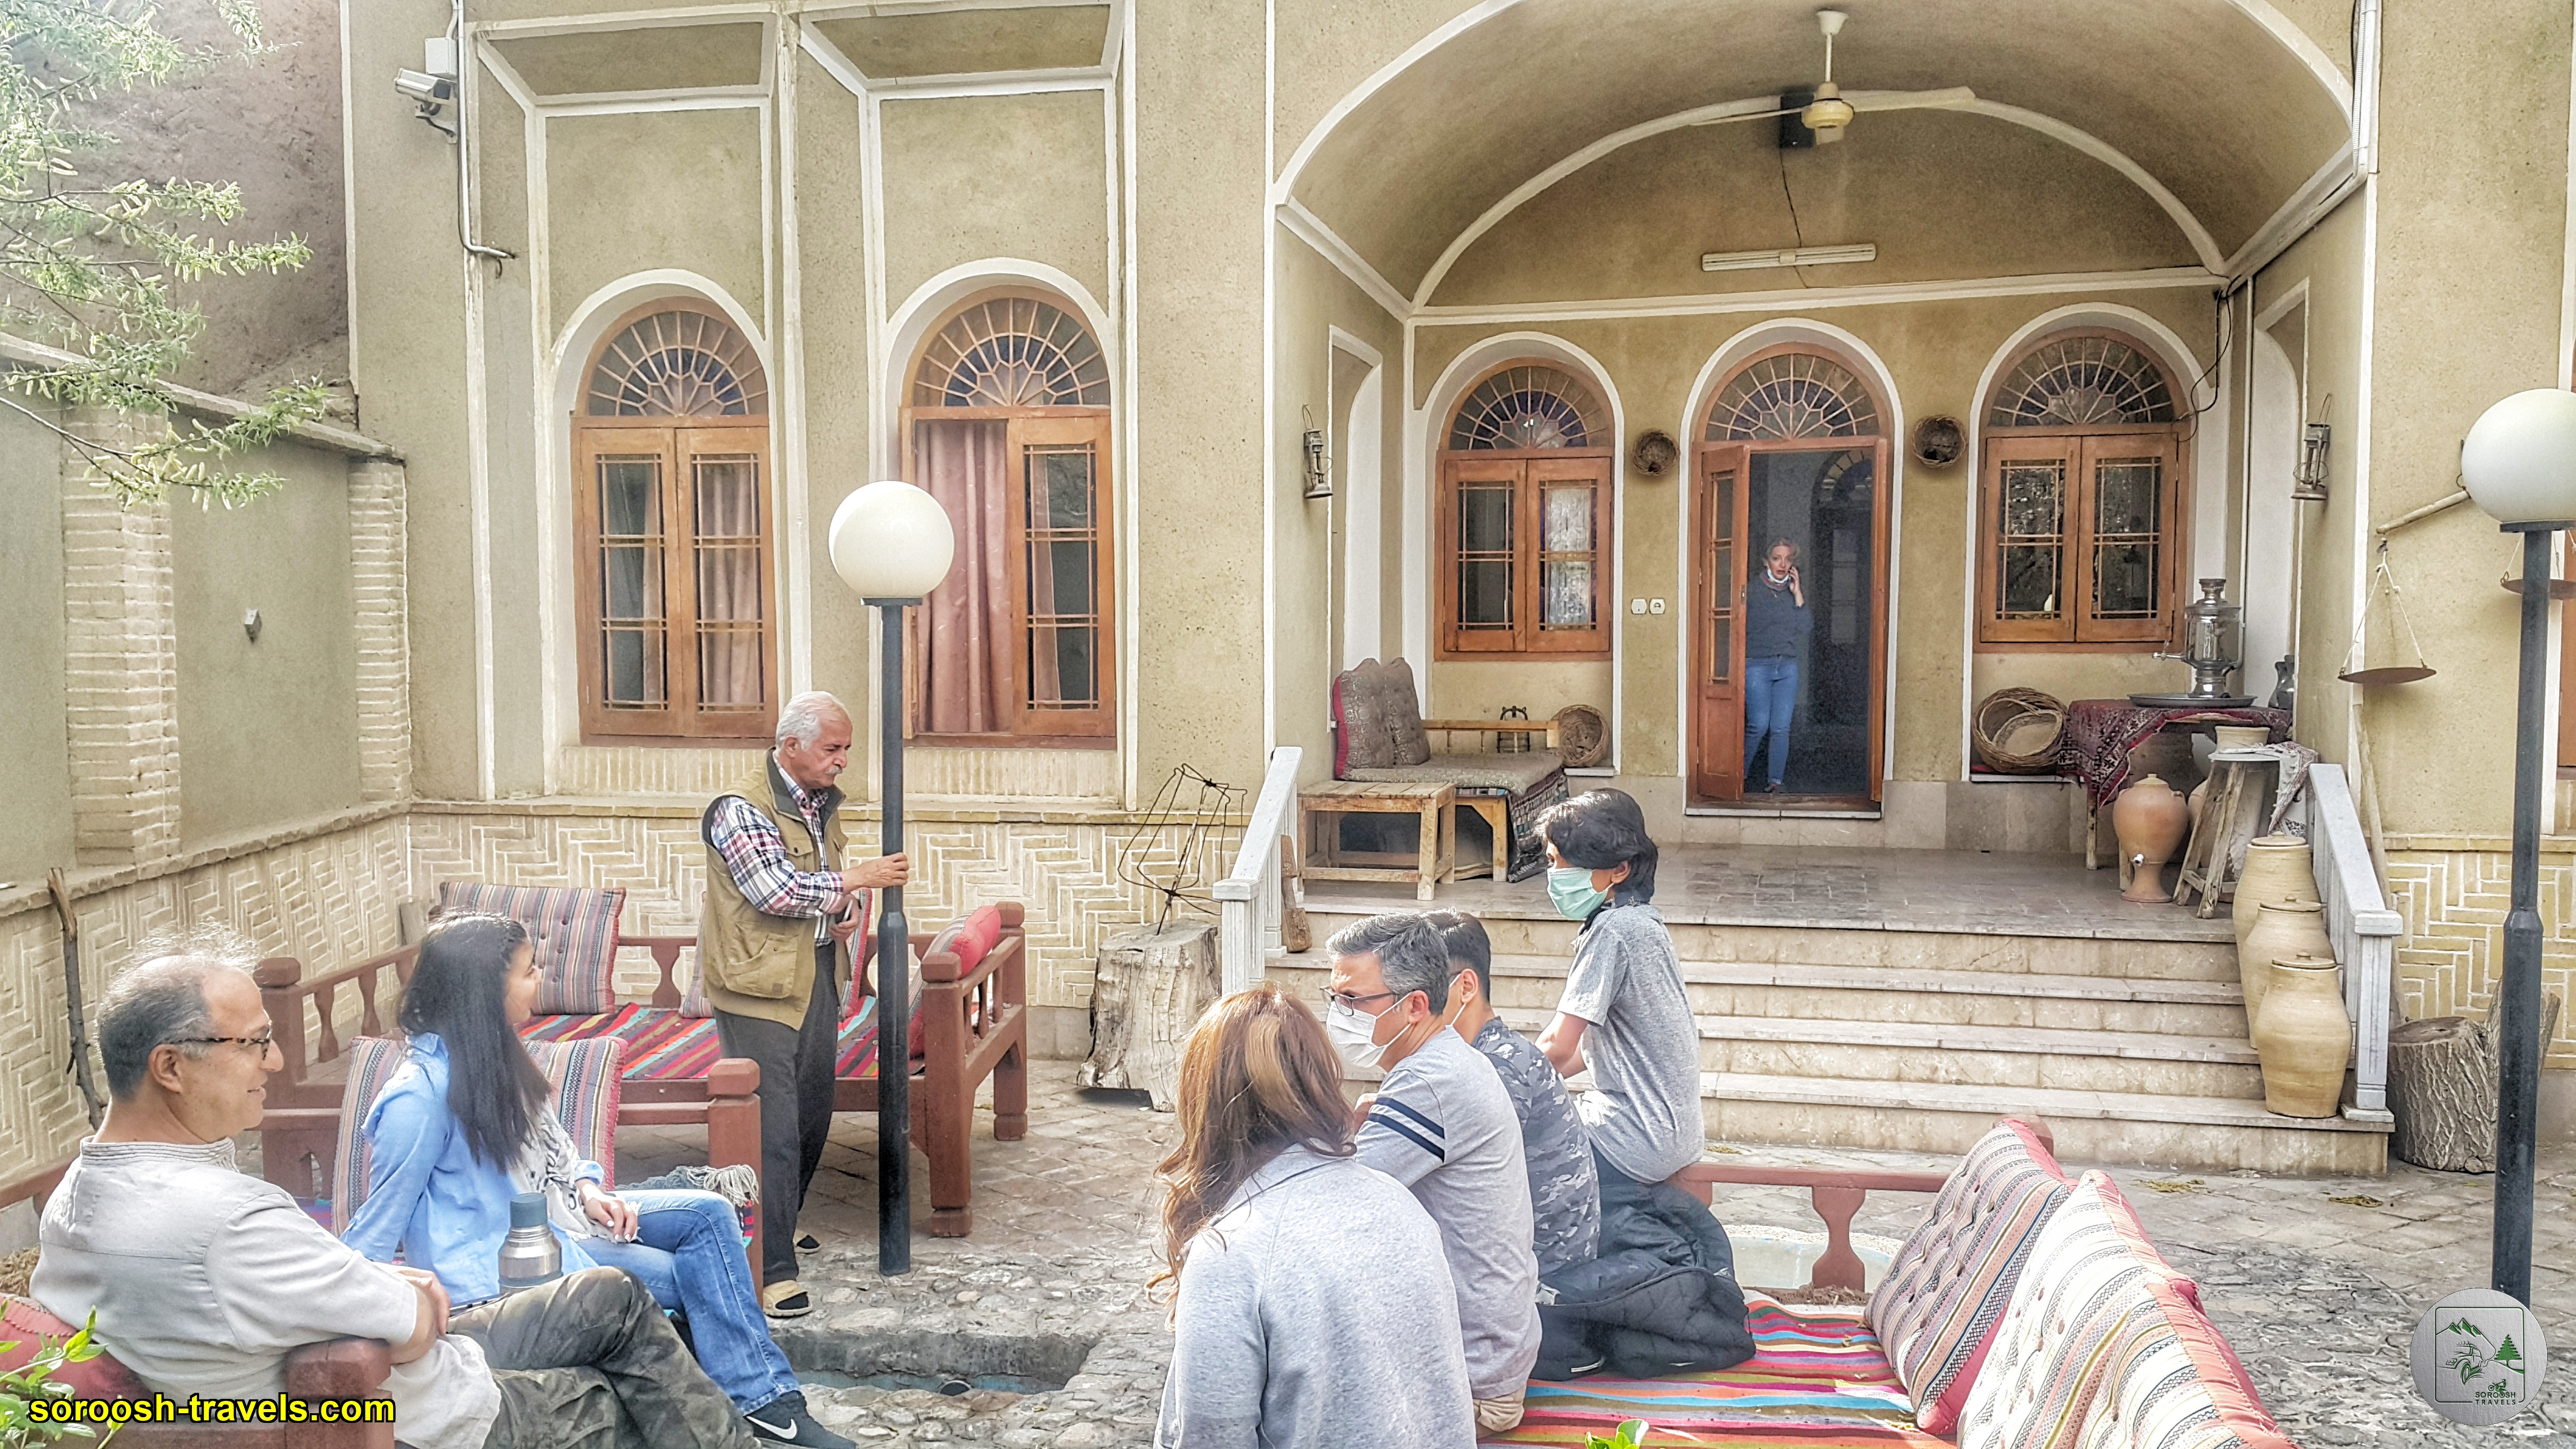 اقامتگاه بومگردی حاجی خان - تفت - یزد - نوروز 1400